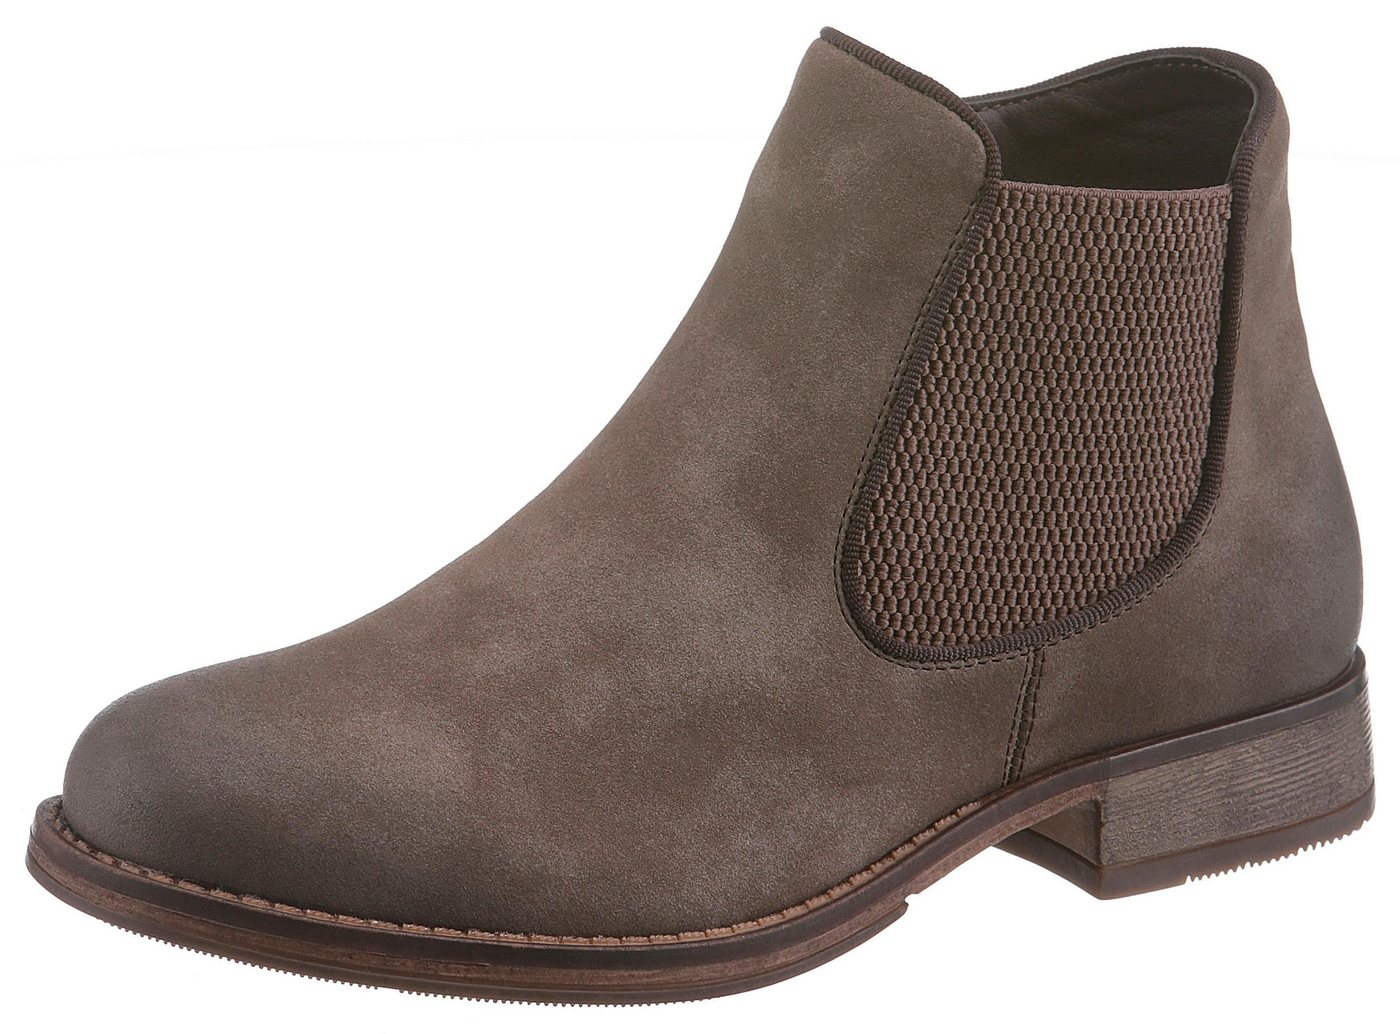 Rieker Chelseaboots im modernen Used-Look | Schuhe > Boots > Chelsea-Boots | Braun | Rieker